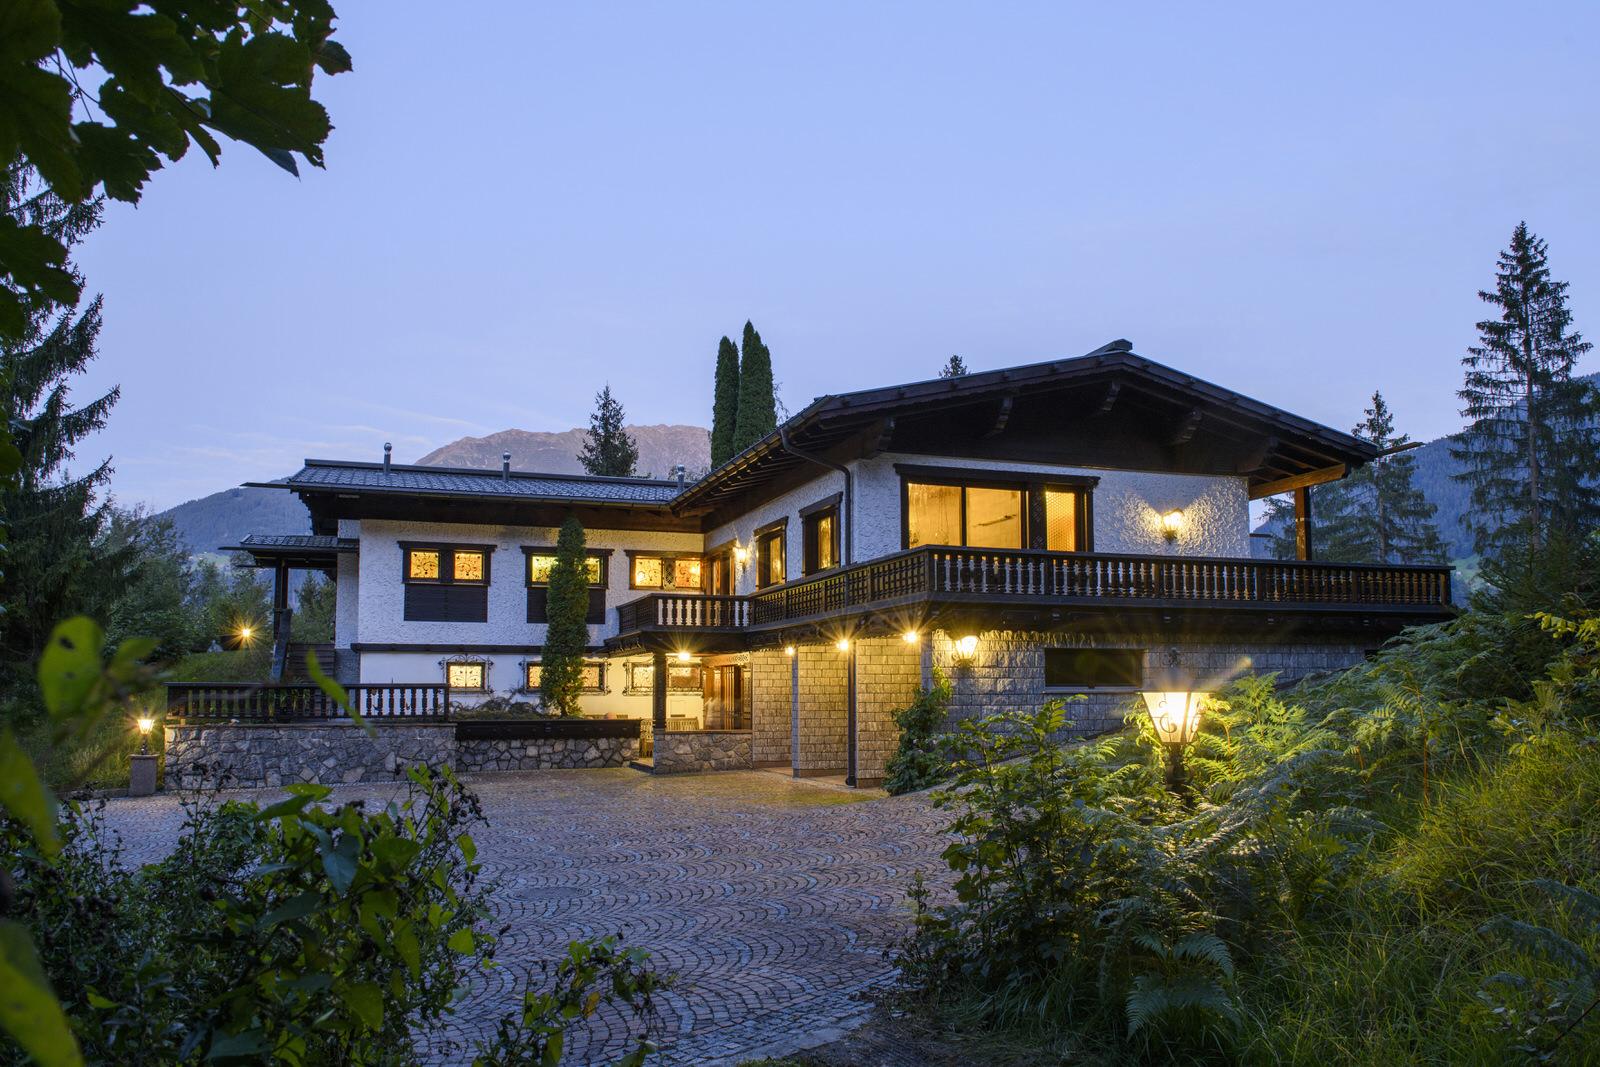 Rappakopf Forrest house in the Montafon